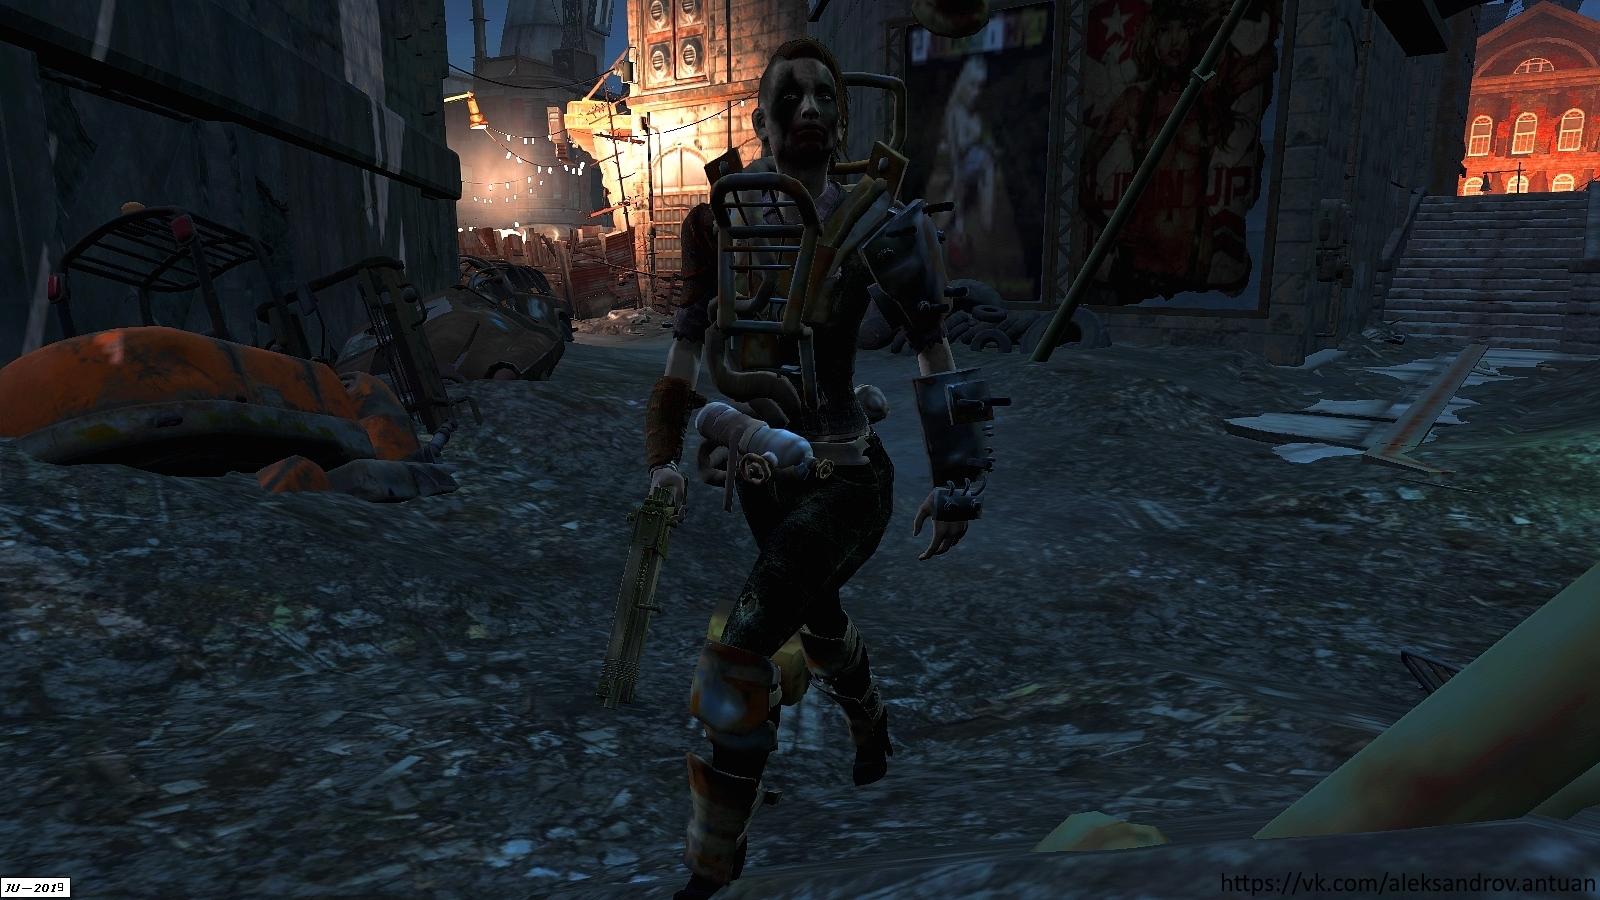 """Из серии """"Рейдеры Содружества"""". - Fallout 4 рейдер"""